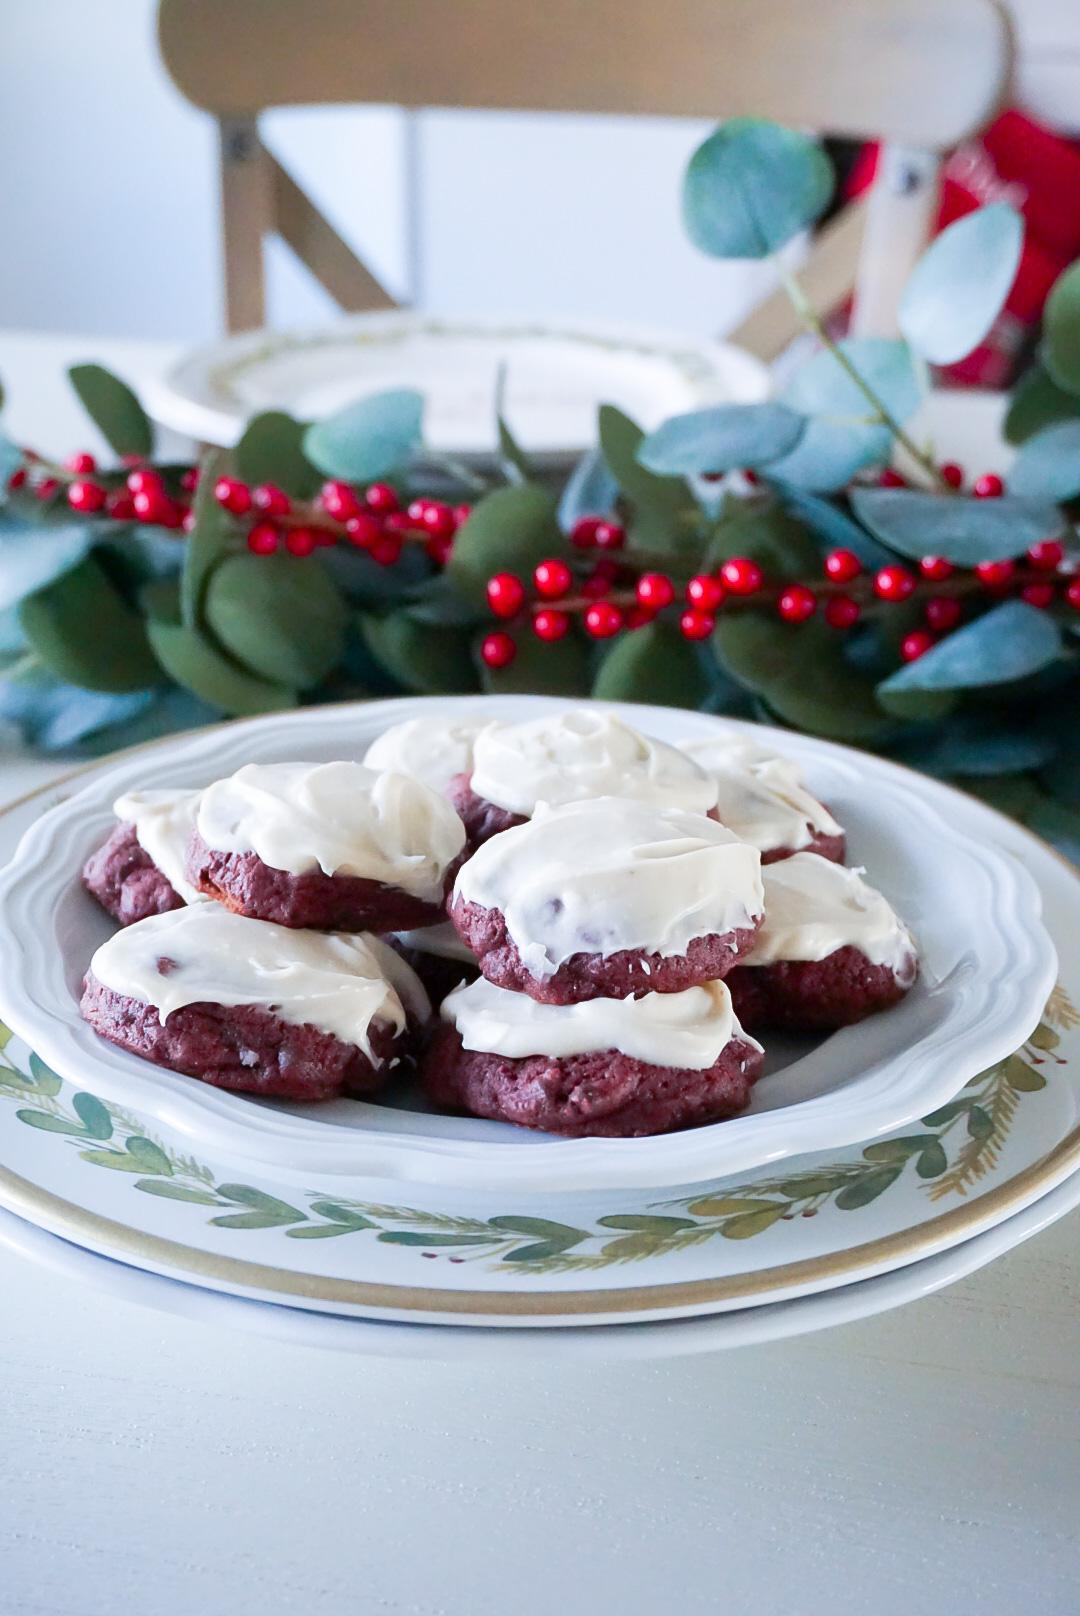 dairy-free cookies, dairy-free red velvet cookies, dairy-free desserts